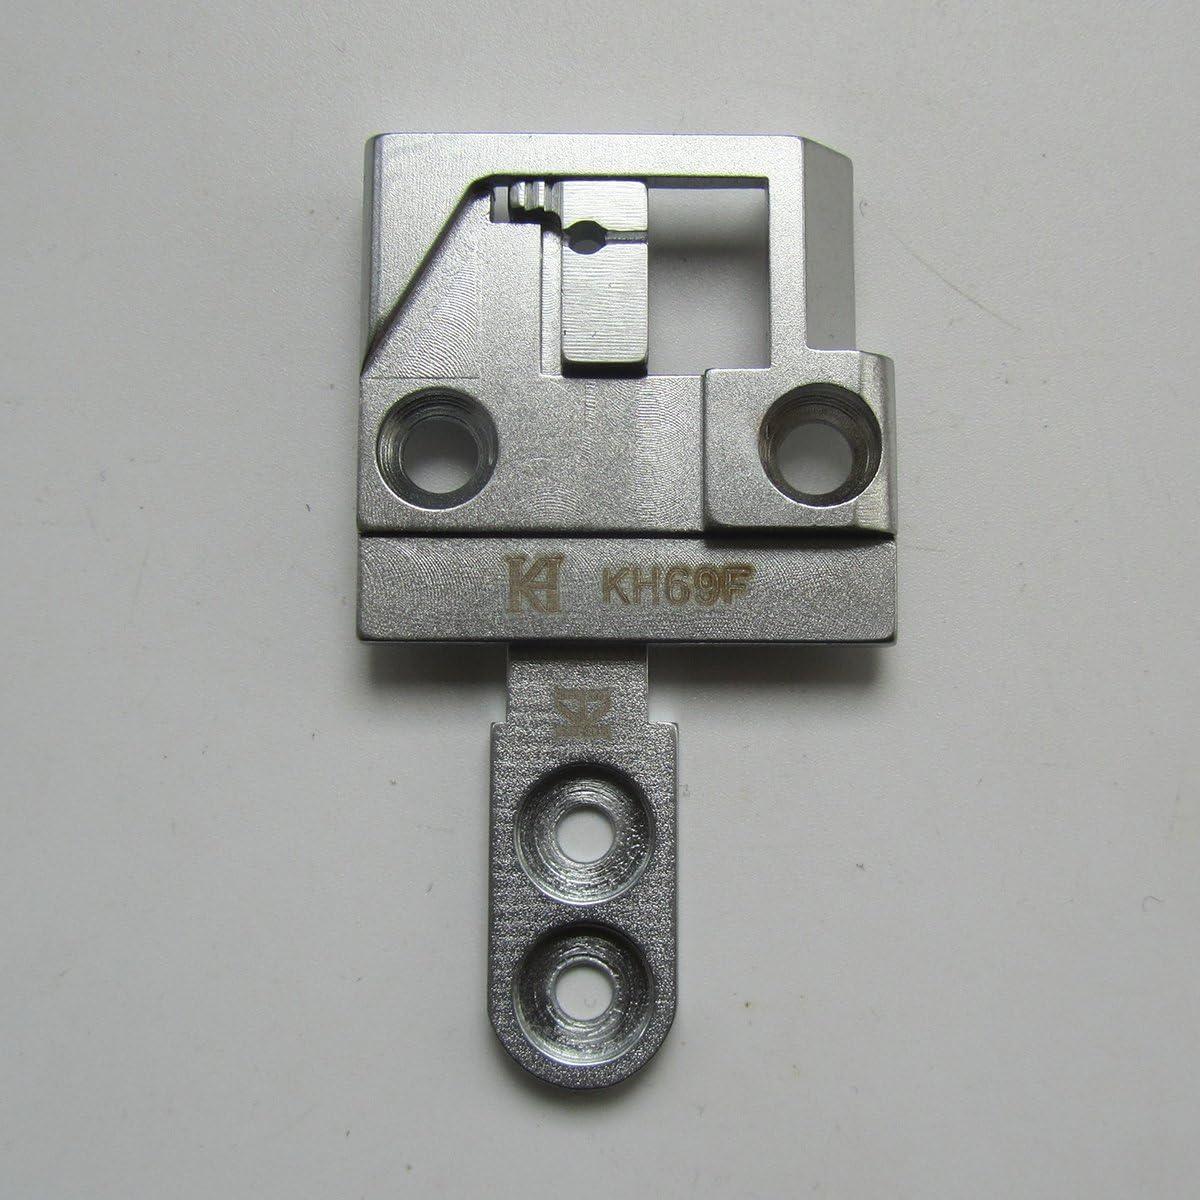 KUNPENG - 1conjunto # KH-69-F placa de garganta y máquina de coser ...